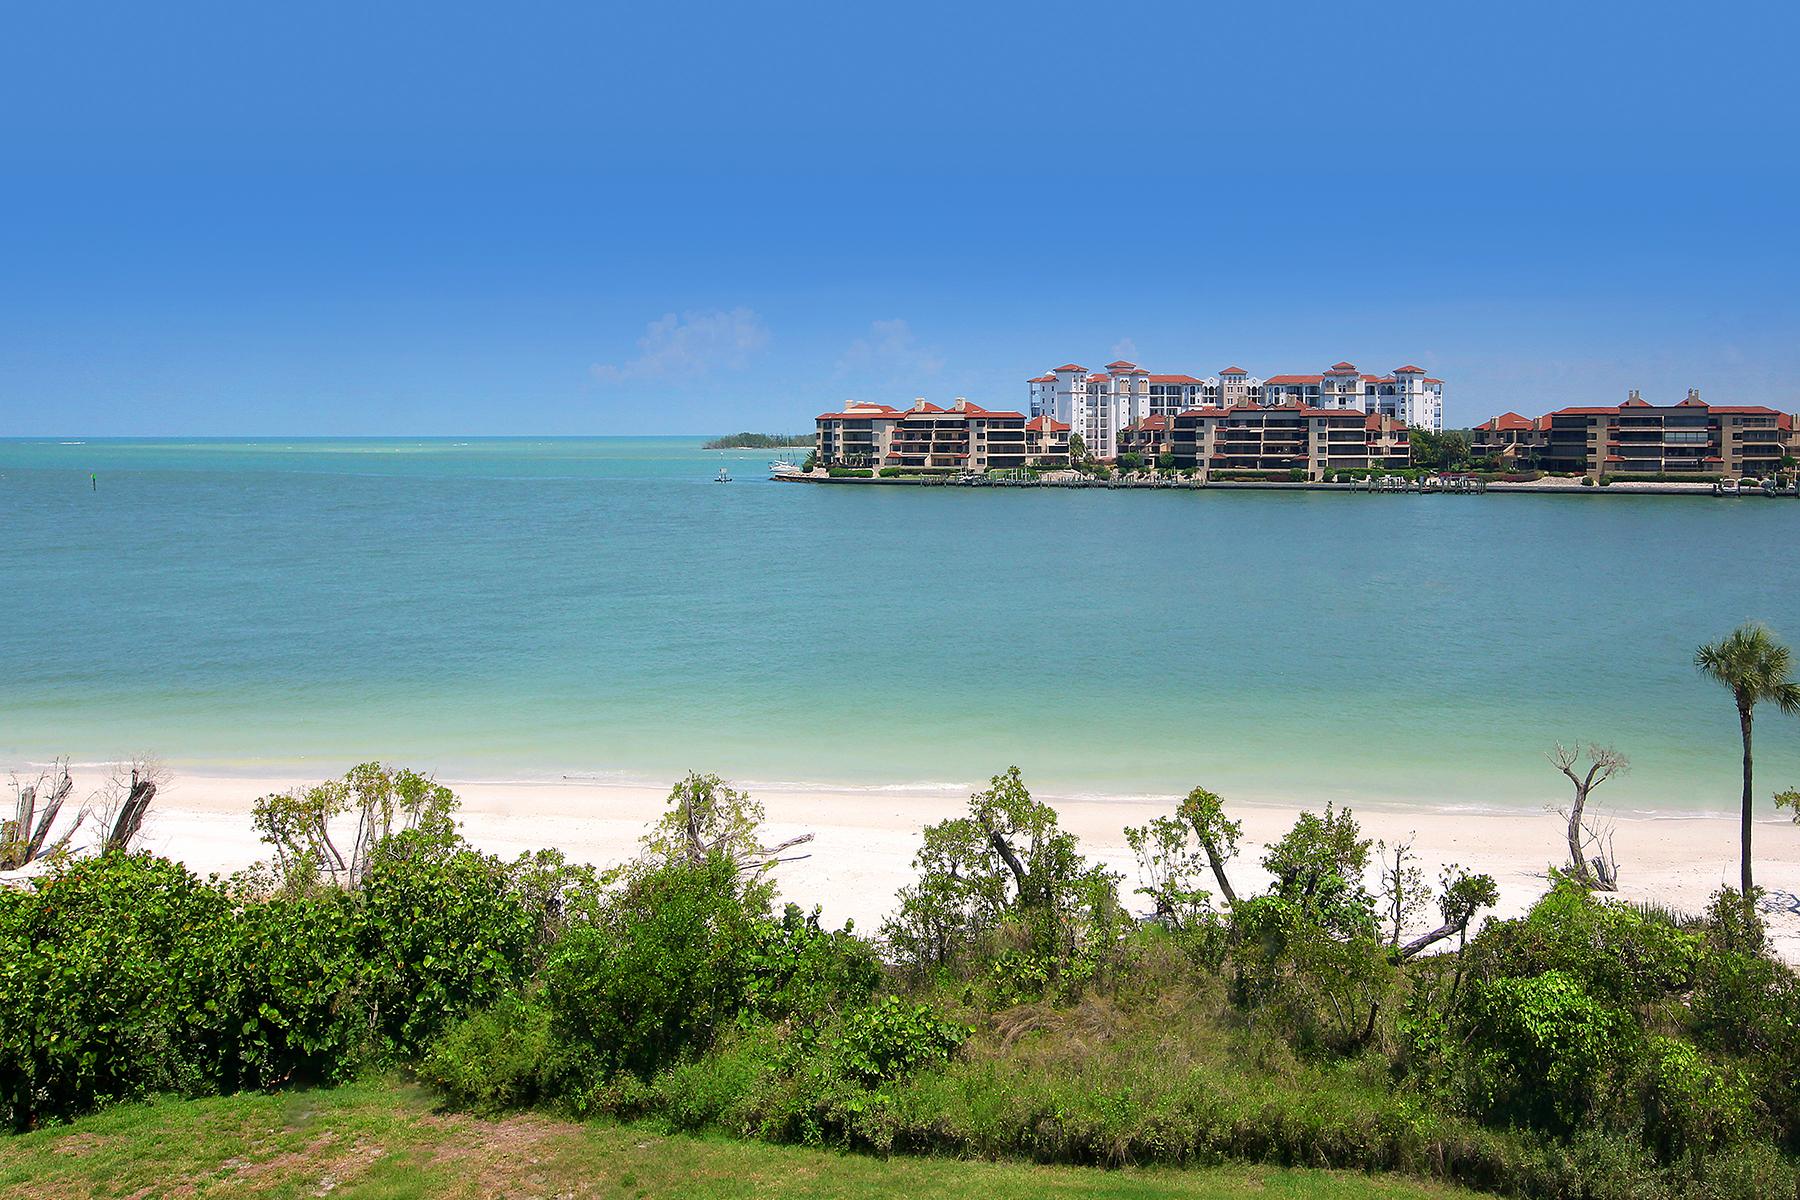 콘도미니엄 용 매매 에 HIDEAWAY BEACH - ROYAL MARCO POINT 6000 Royal Marco Way 351 Marco Island, 플로리다 34145 미국